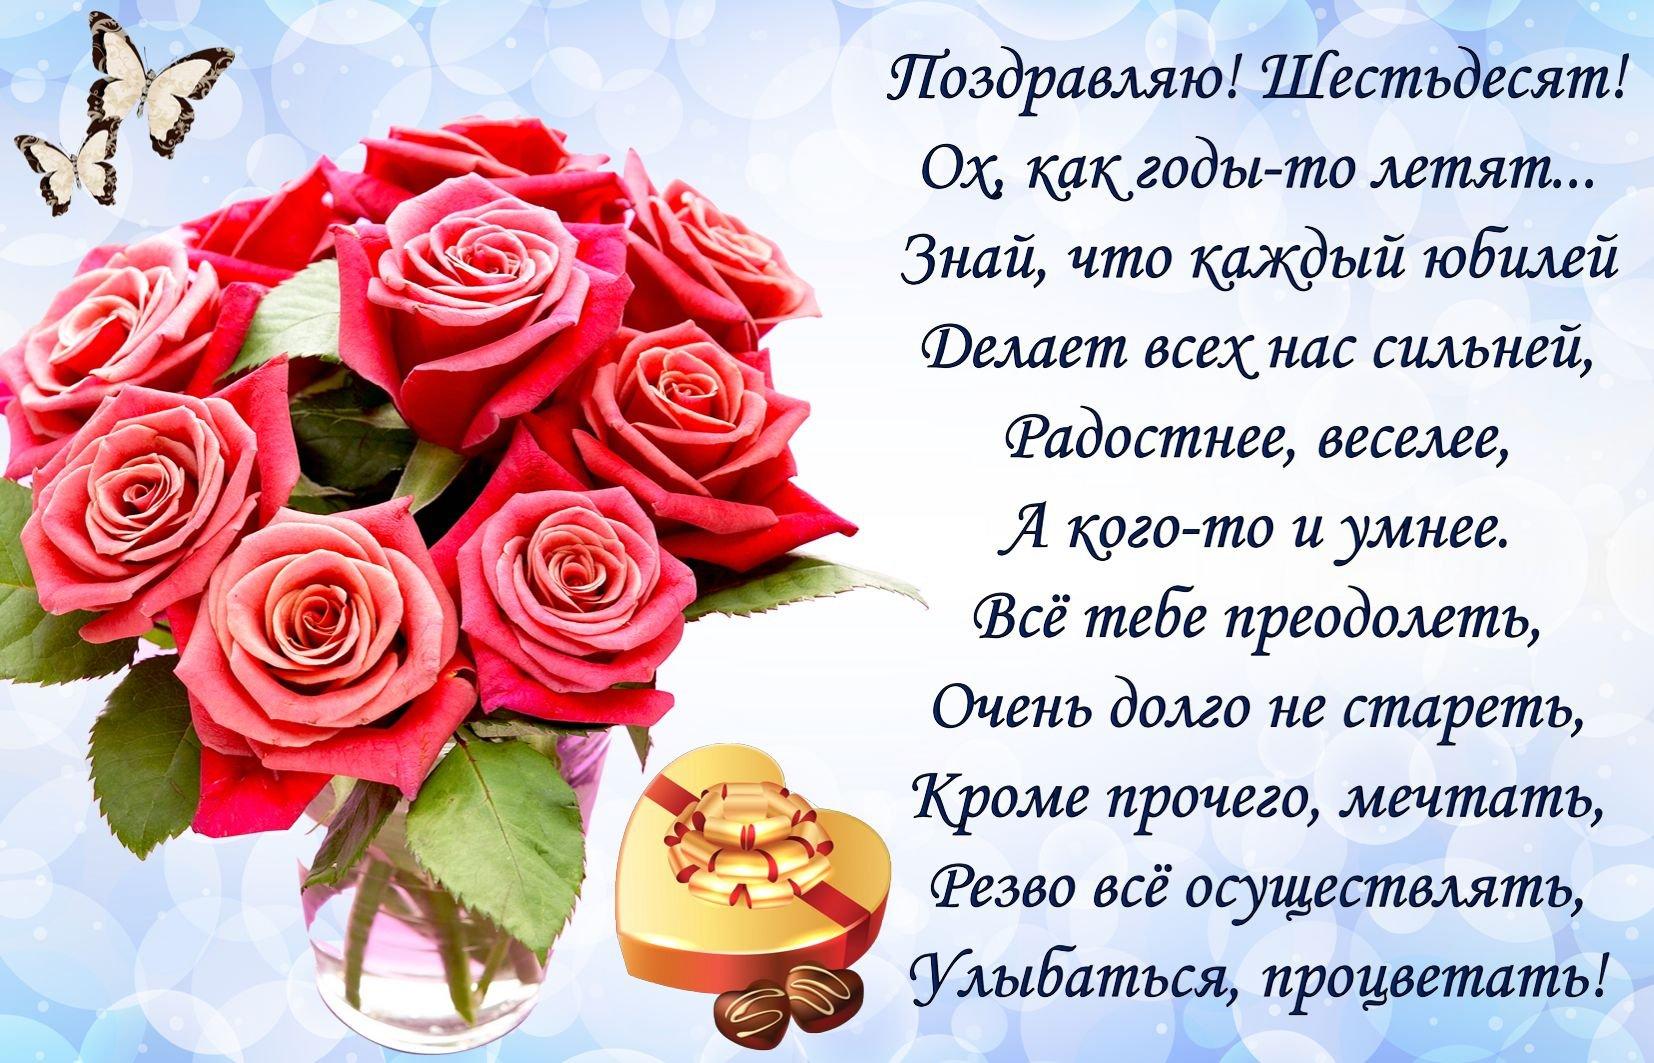 Утро дорогая, открытка с 60 летием женщине в стихах красивые